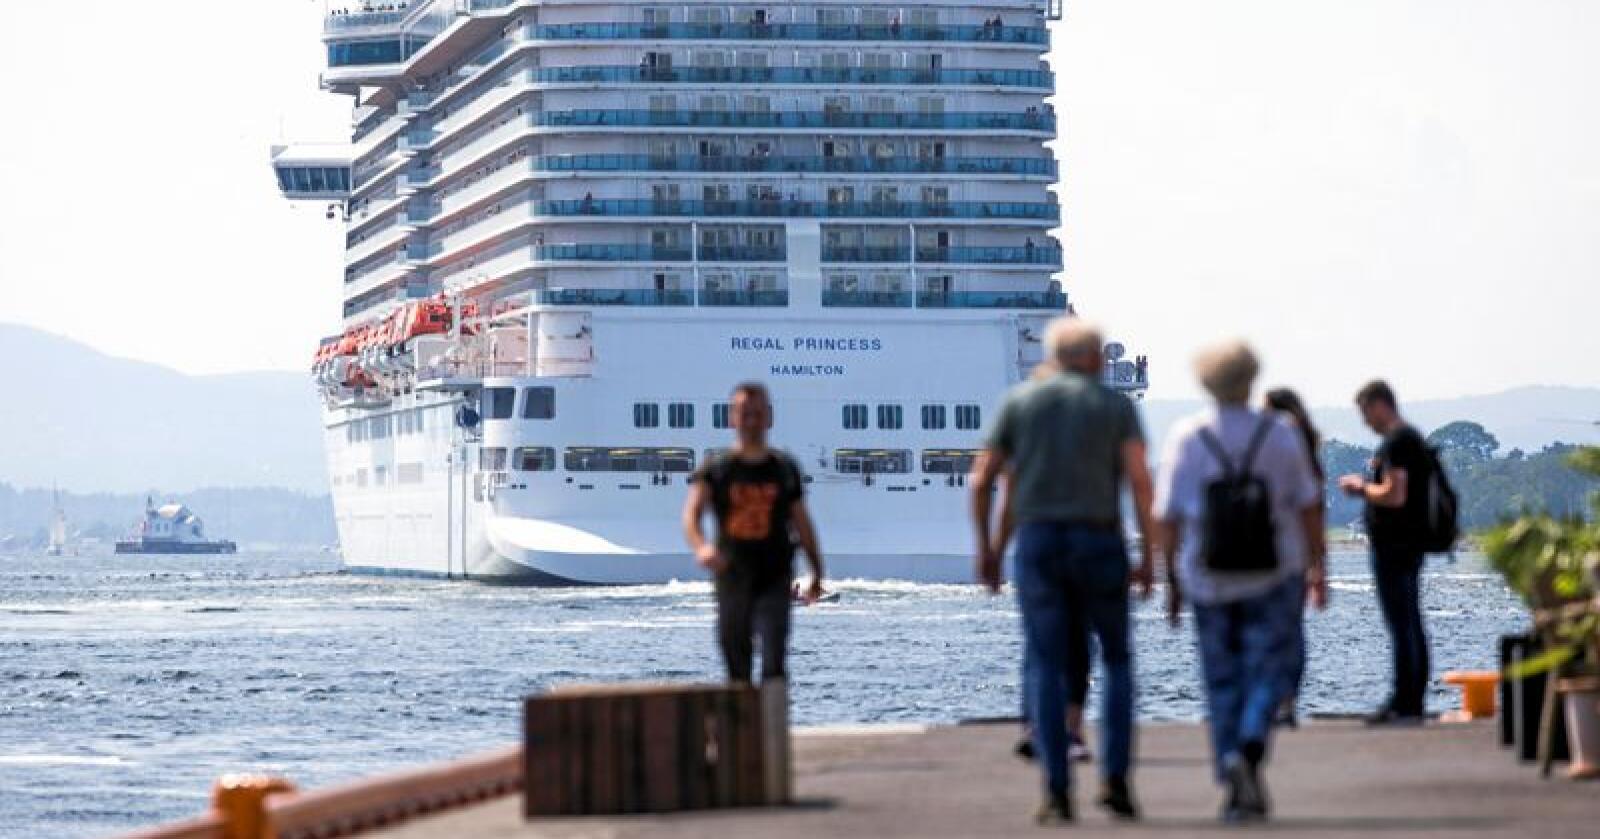 Utslipp: Vi må stille strengere krav til utslipp fra cruisetrafikken langs kysten vår, skriver Else-May Botten Norderhus. Foto: Trond Reidar Teigen / NTB scanpix